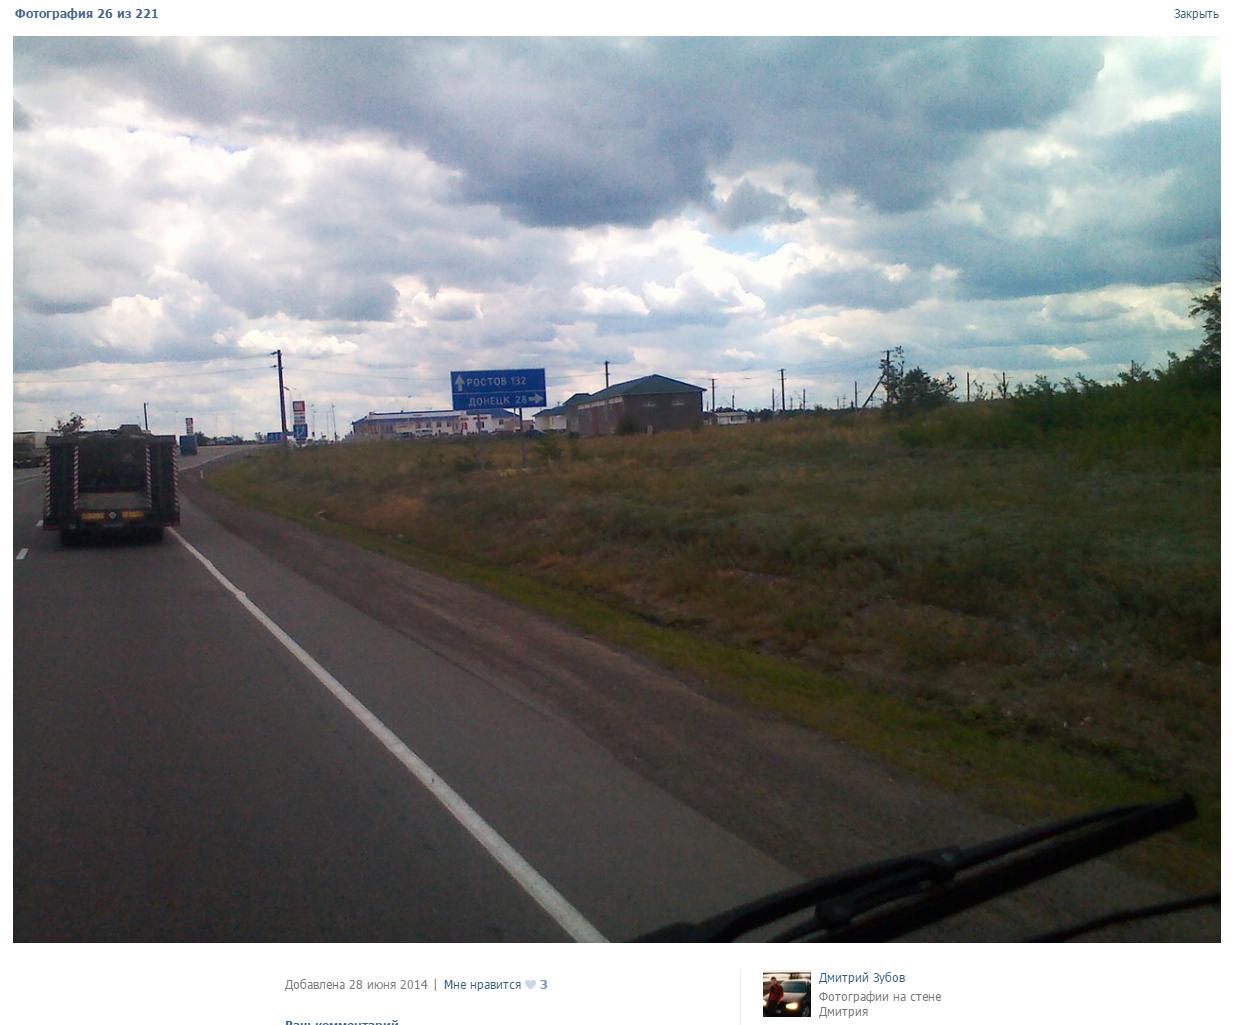 Украинские воины не покинут Широкино, пока террористы не прекратят обстрелы, - спикер АТО - Цензор.НЕТ 4327